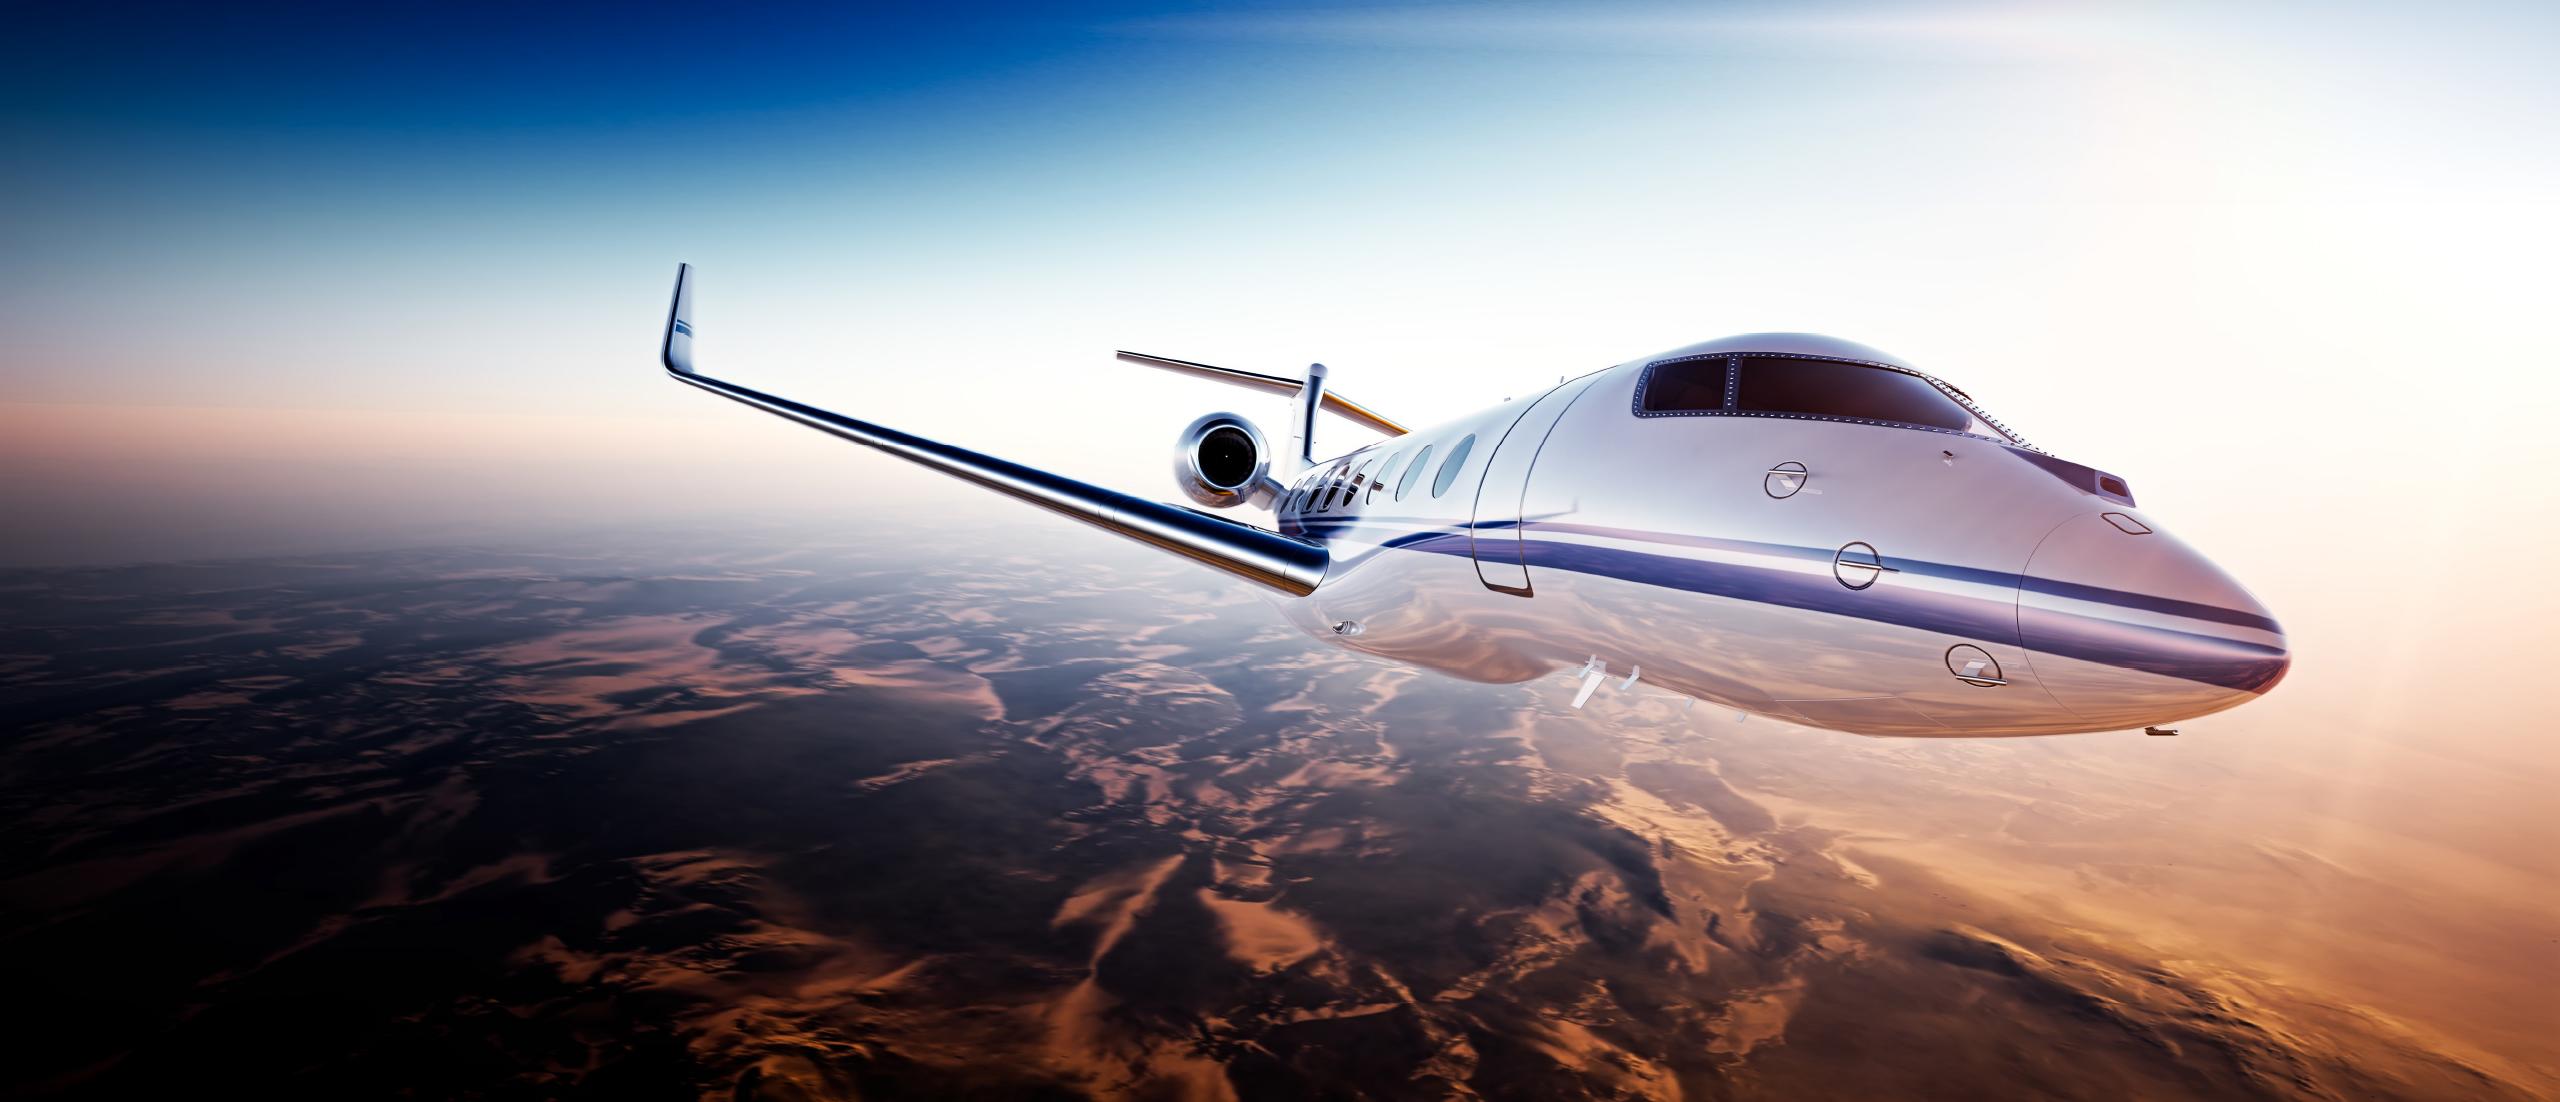 Jet Flying in the Sky